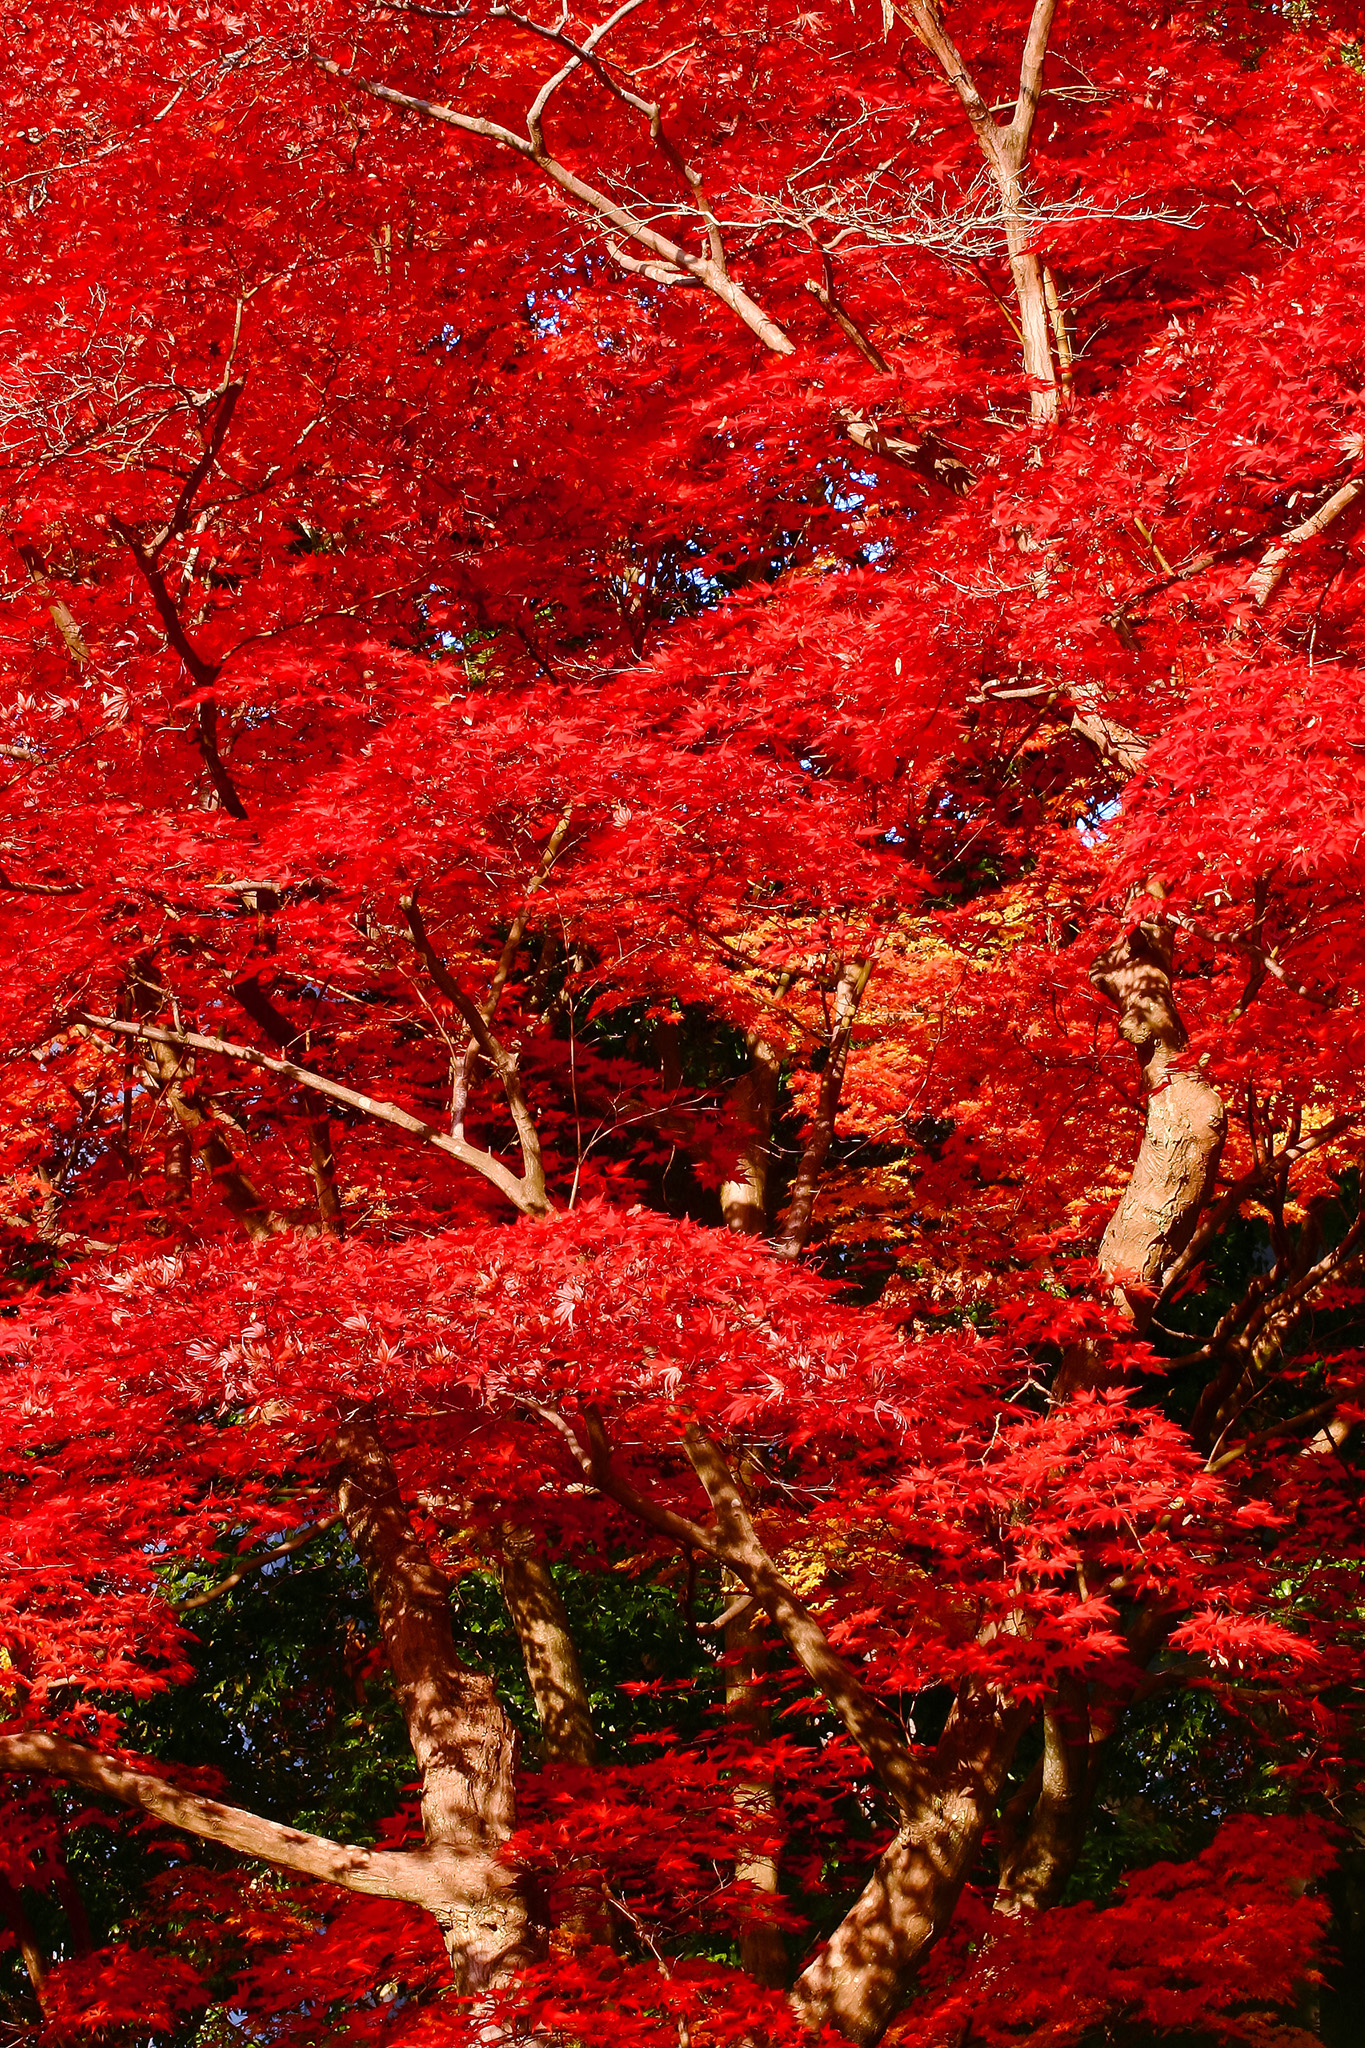 「深紅に染まり紅葉する木」の画像を無料ダウンロード